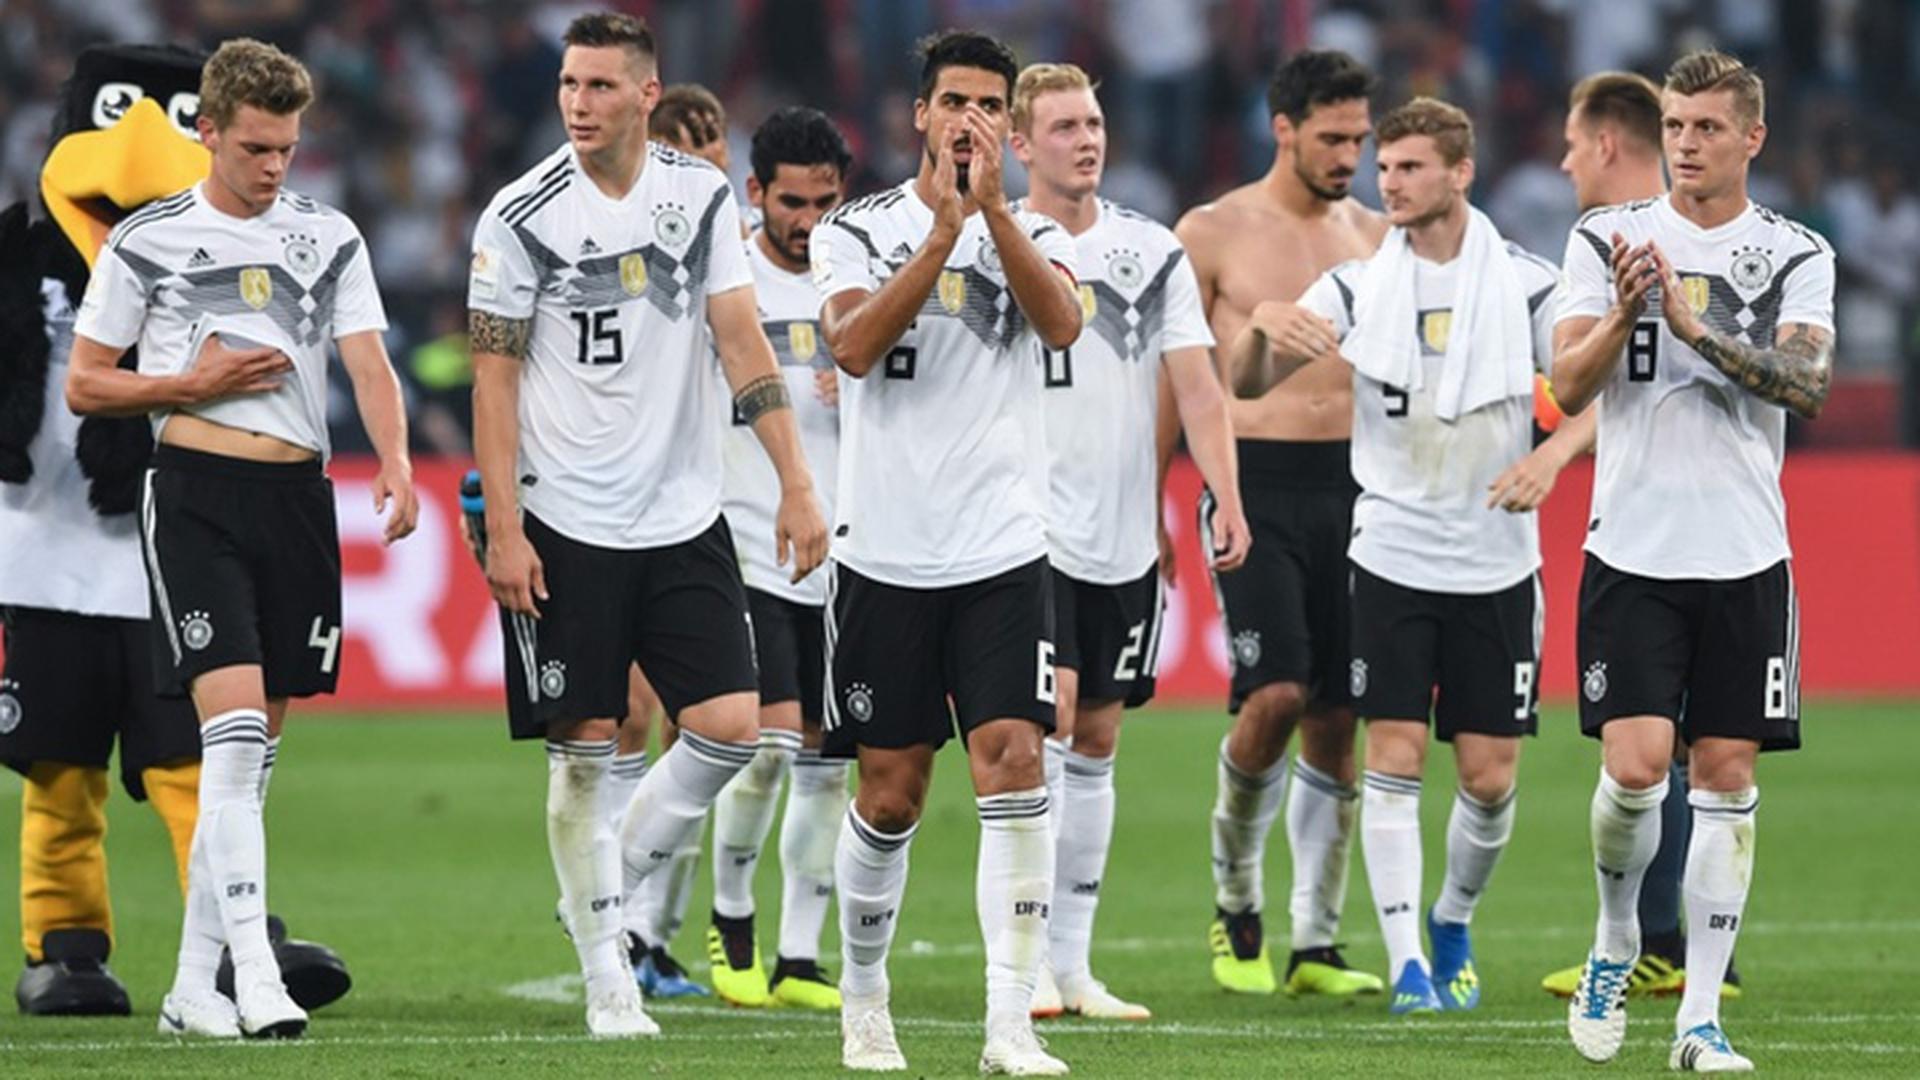 Озил и Хедира не попали в стартовый состав сборной Германии на матч со шведами